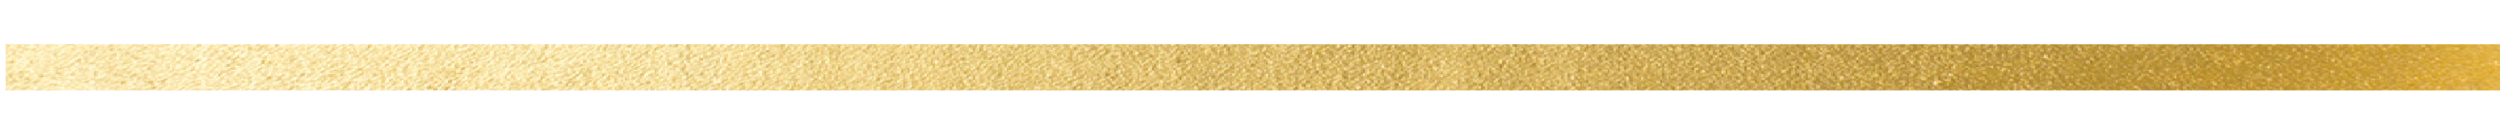 gold-divider-17.png